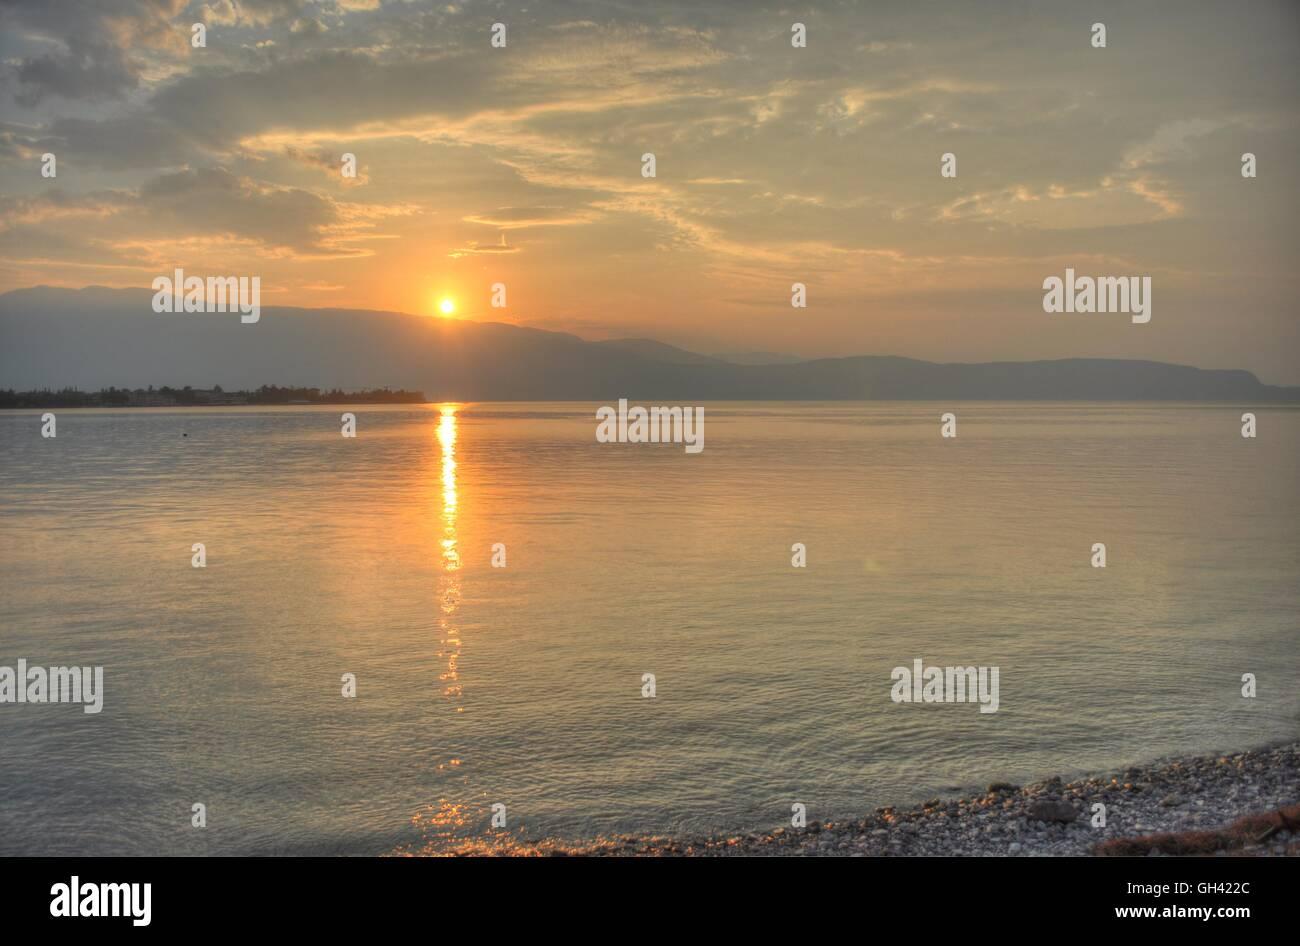 Sunrise over Lake Garda - Italy. - Stock Image